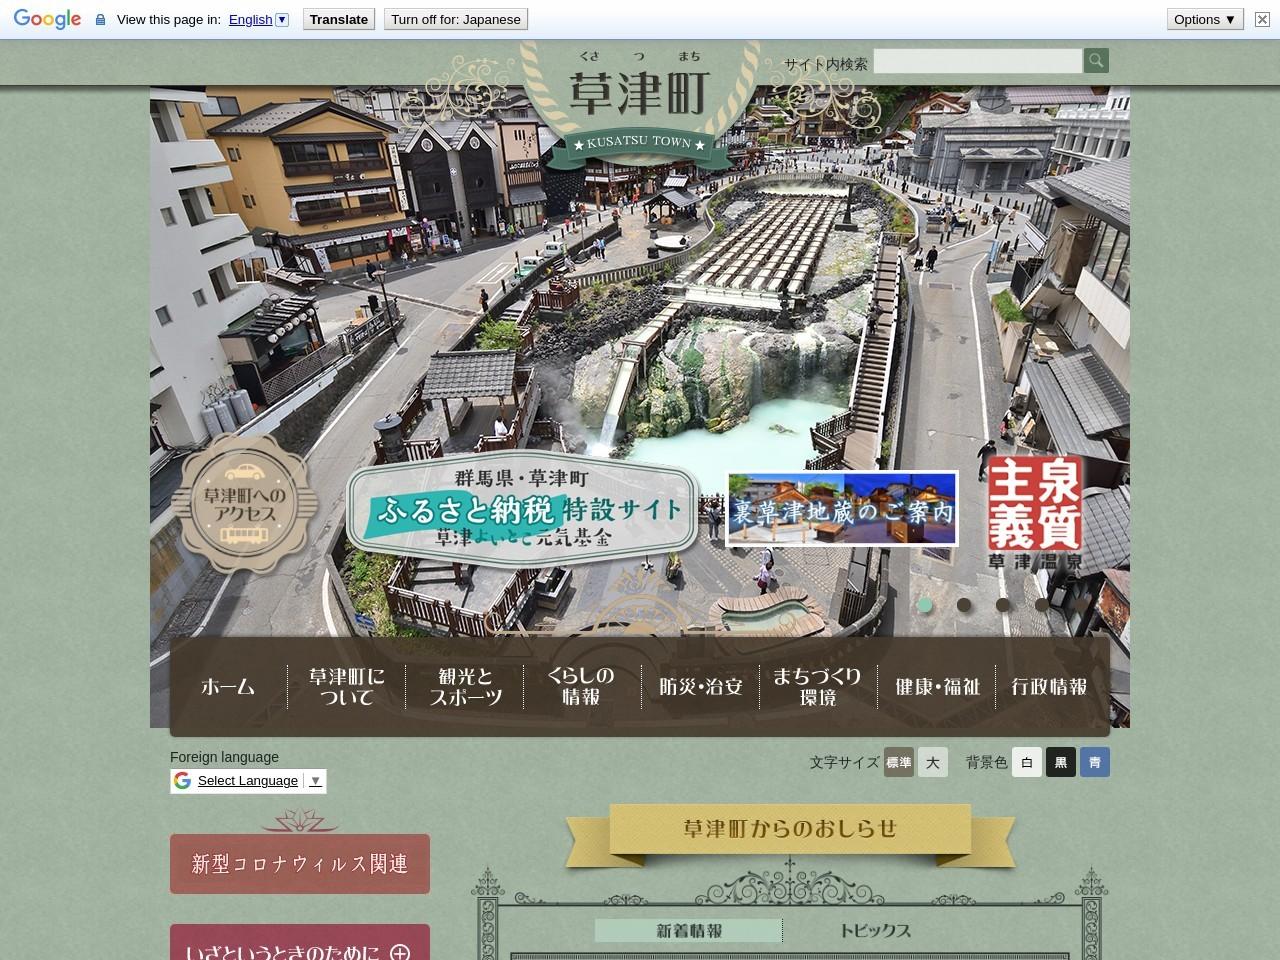 草津町ホームページ